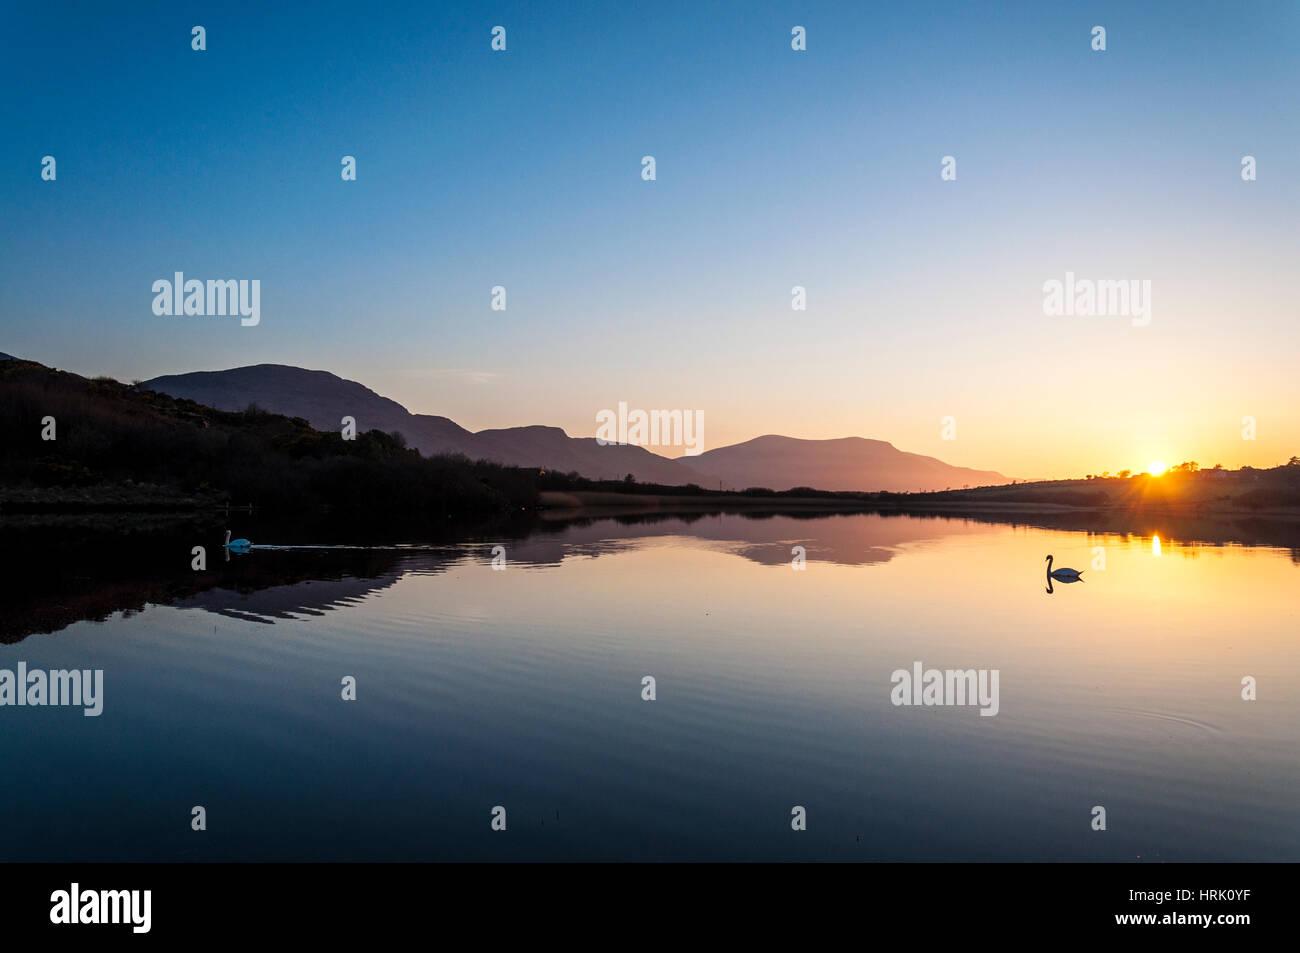 Ruhig noch ruhigen See mit Schwänen bei Sonnenuntergang Stockbild